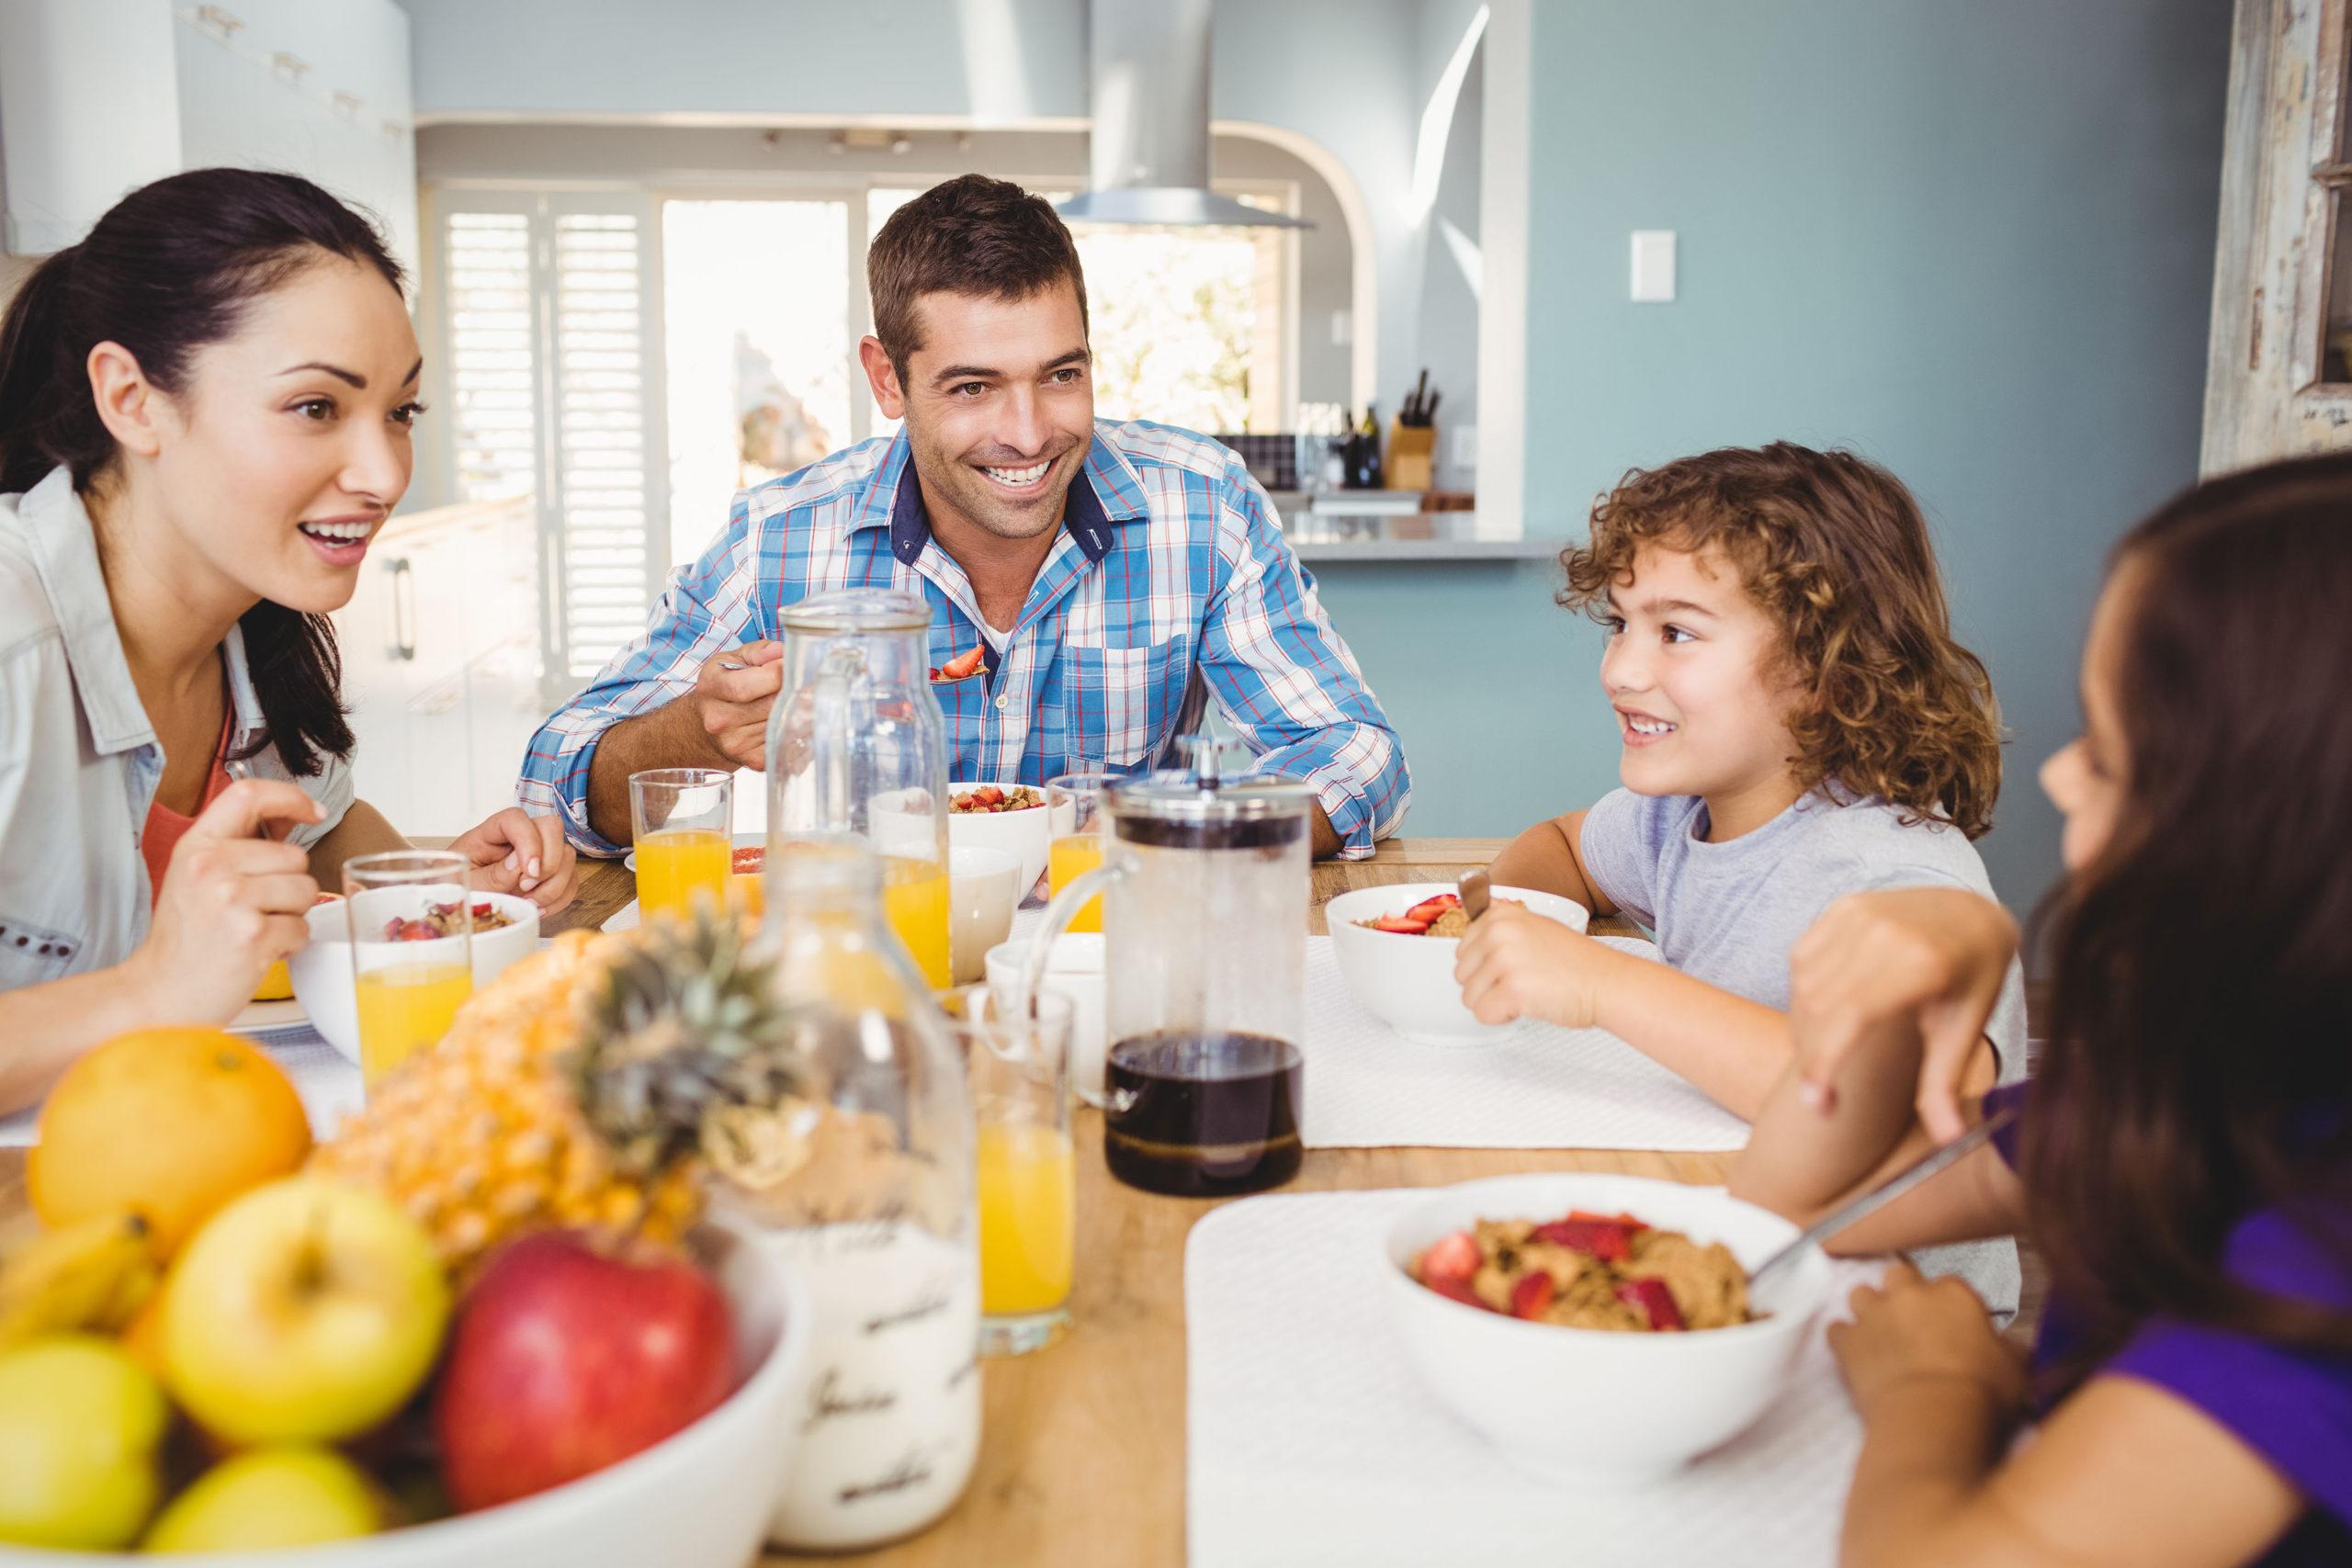 Familie isst Obst und Gemüse